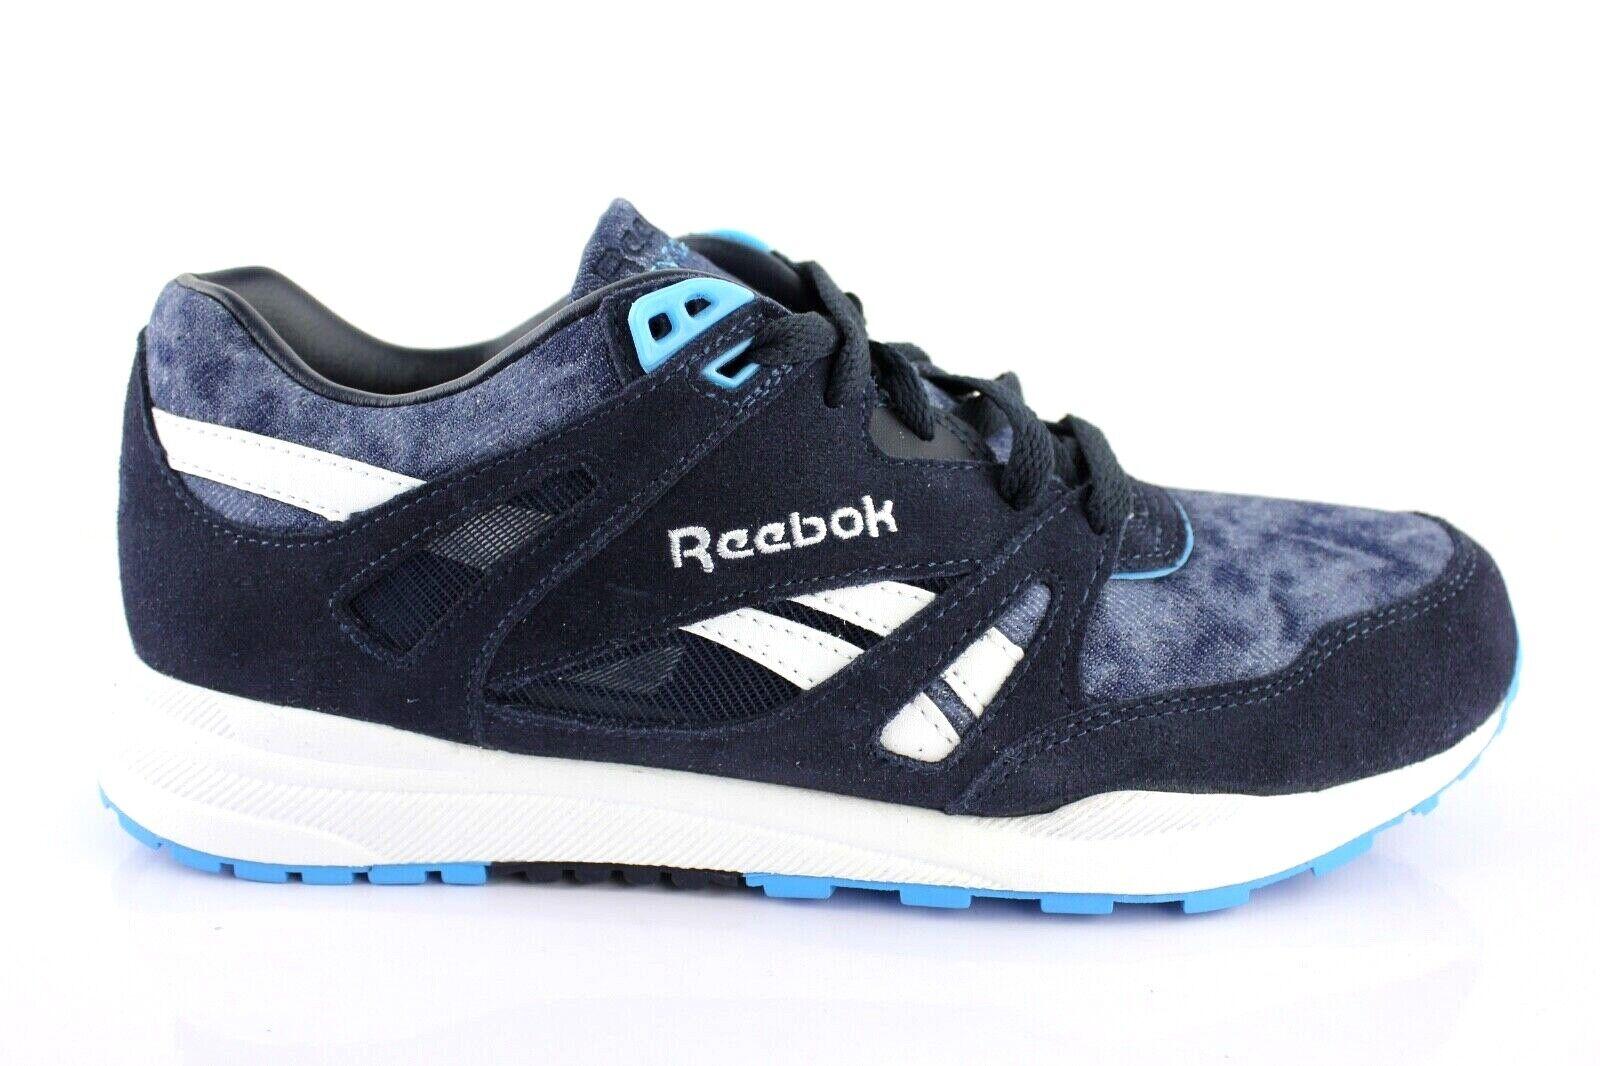 Reebok Flexalite Sneaker Low Lace up blueee Leather 39, 40.5